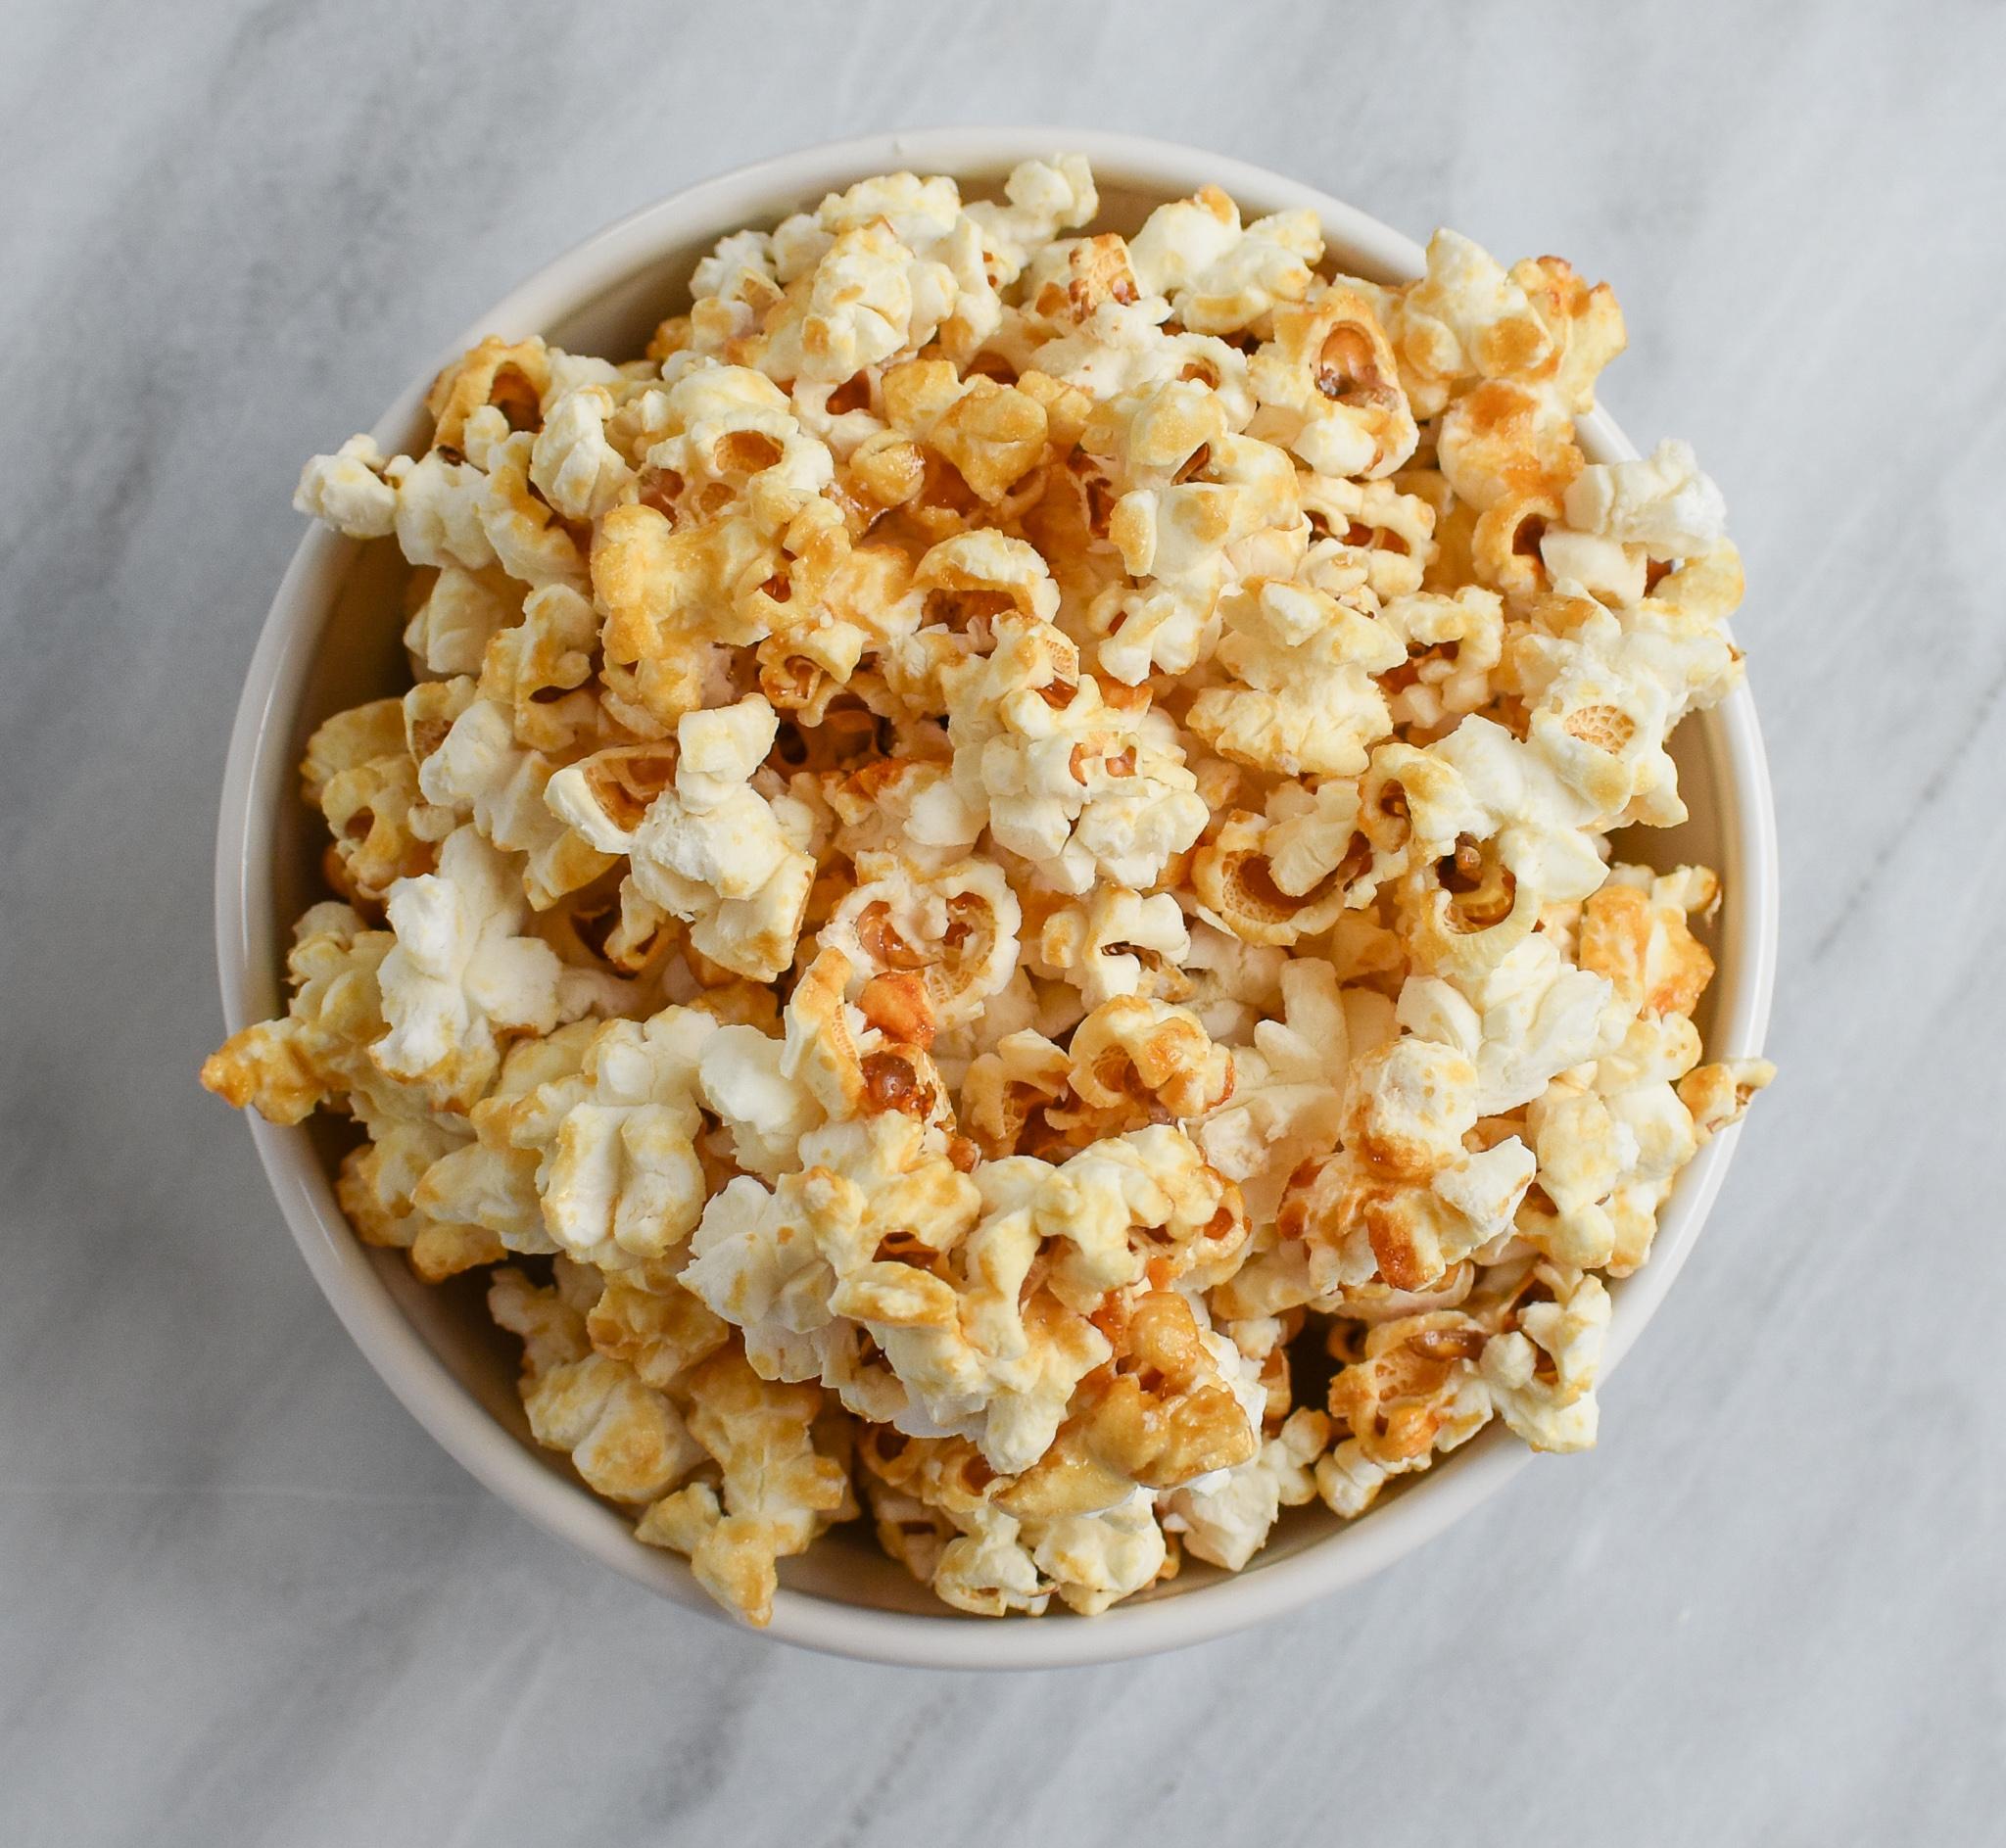 is popcorn ok on fodmap diet